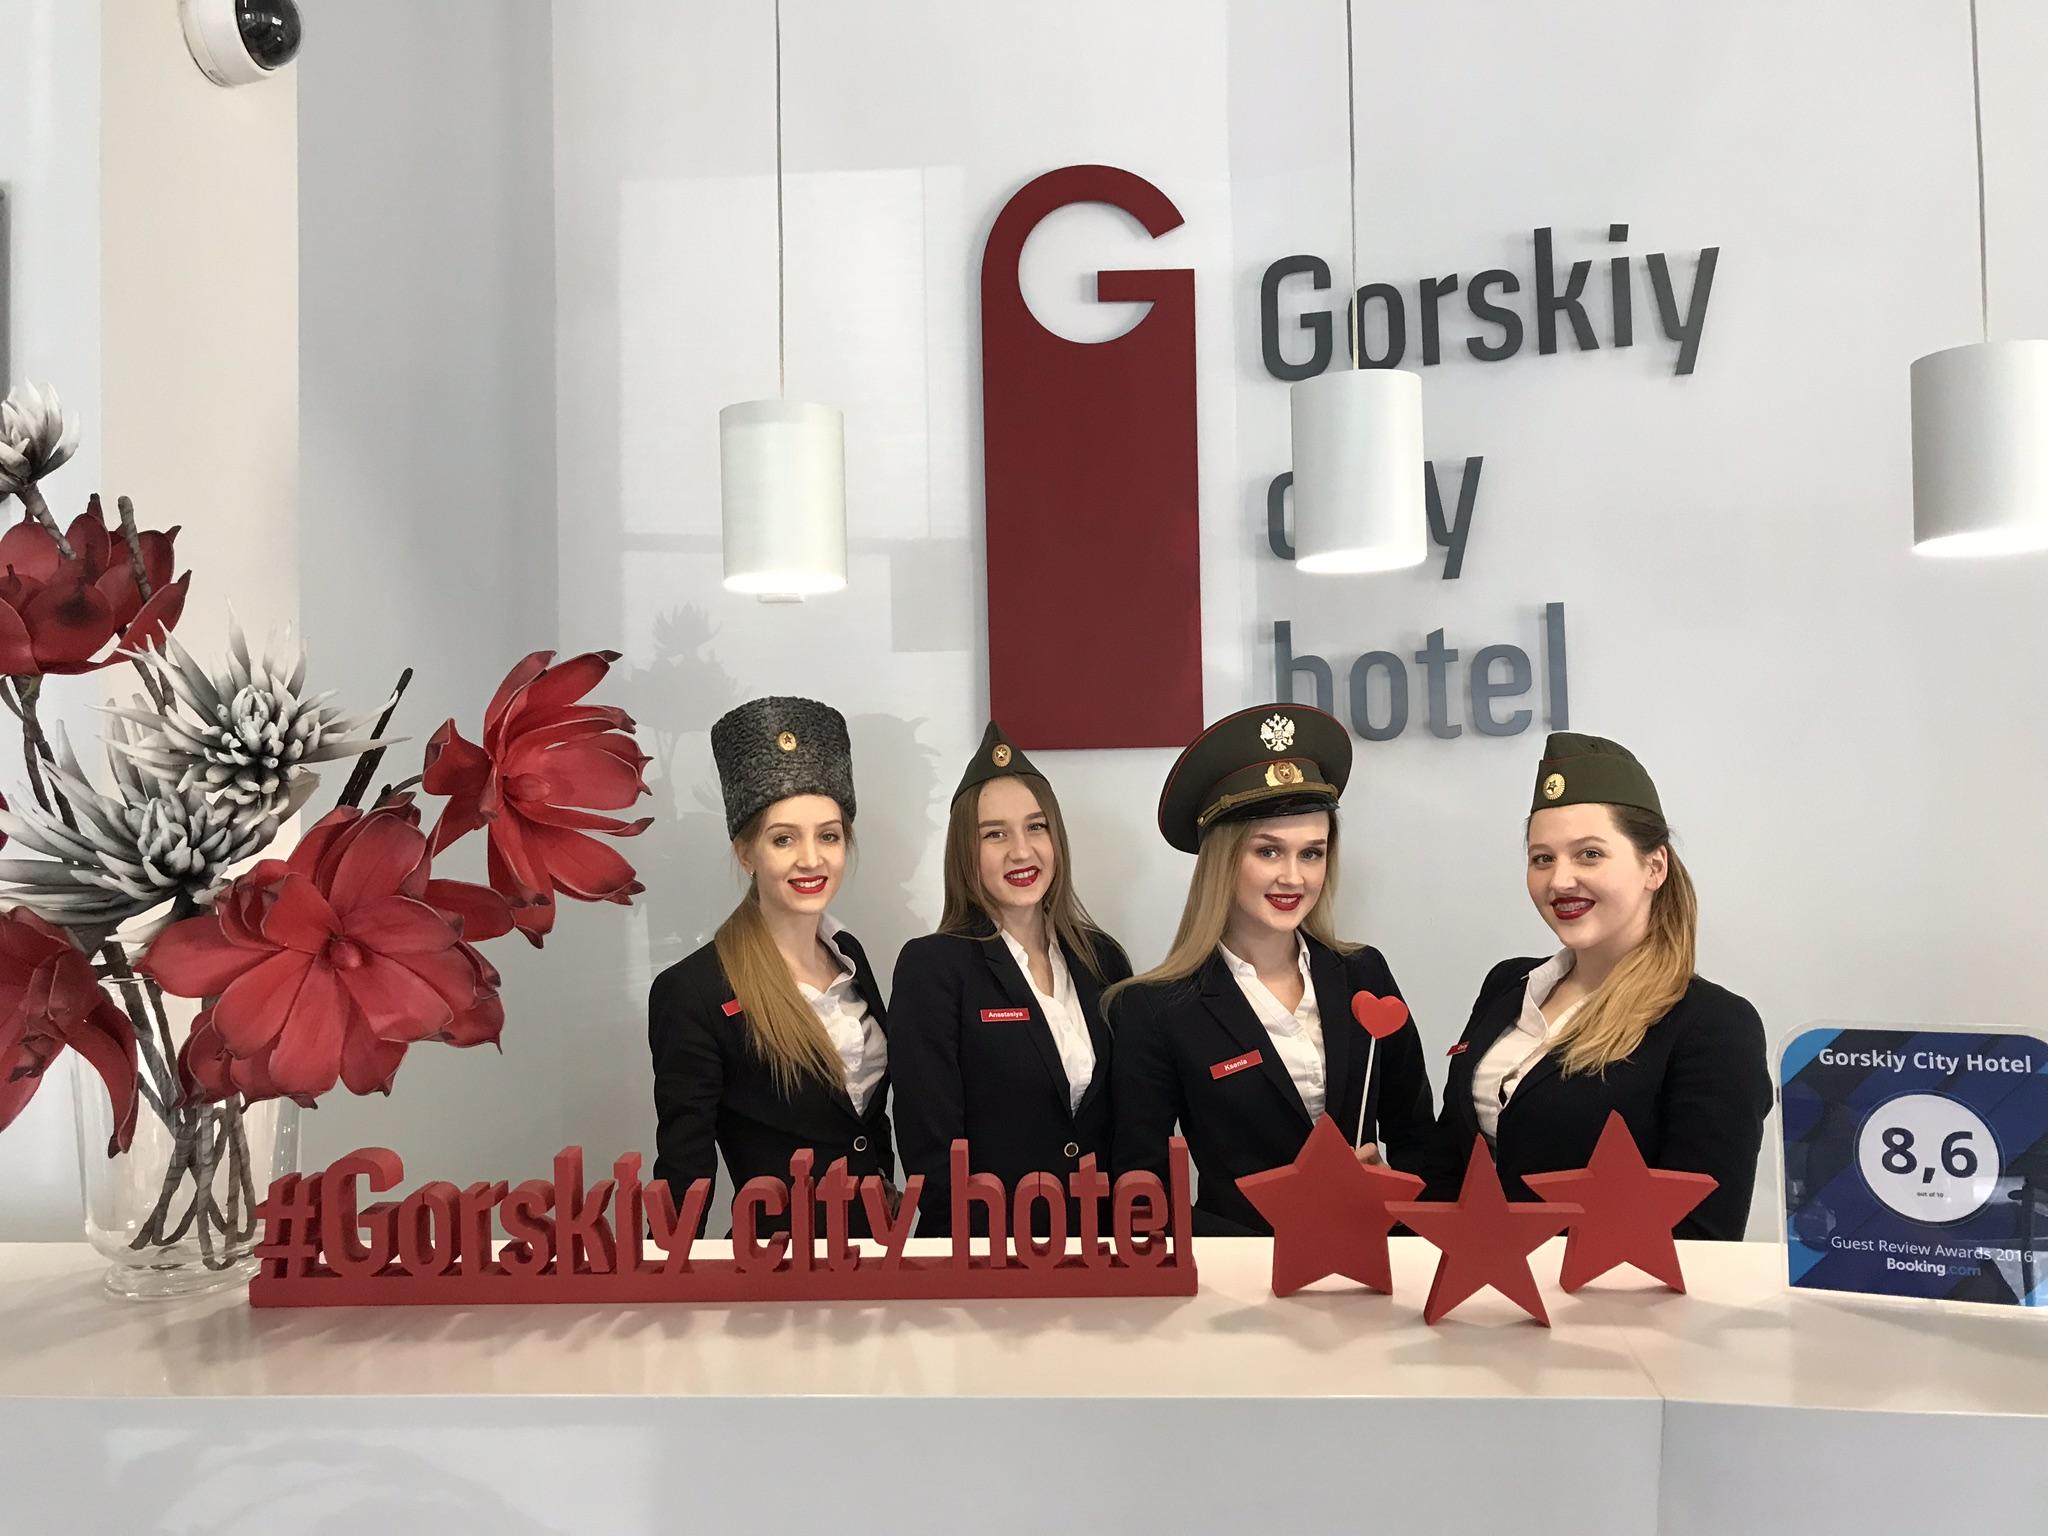 Фото предоставленоGorskiy city hotel